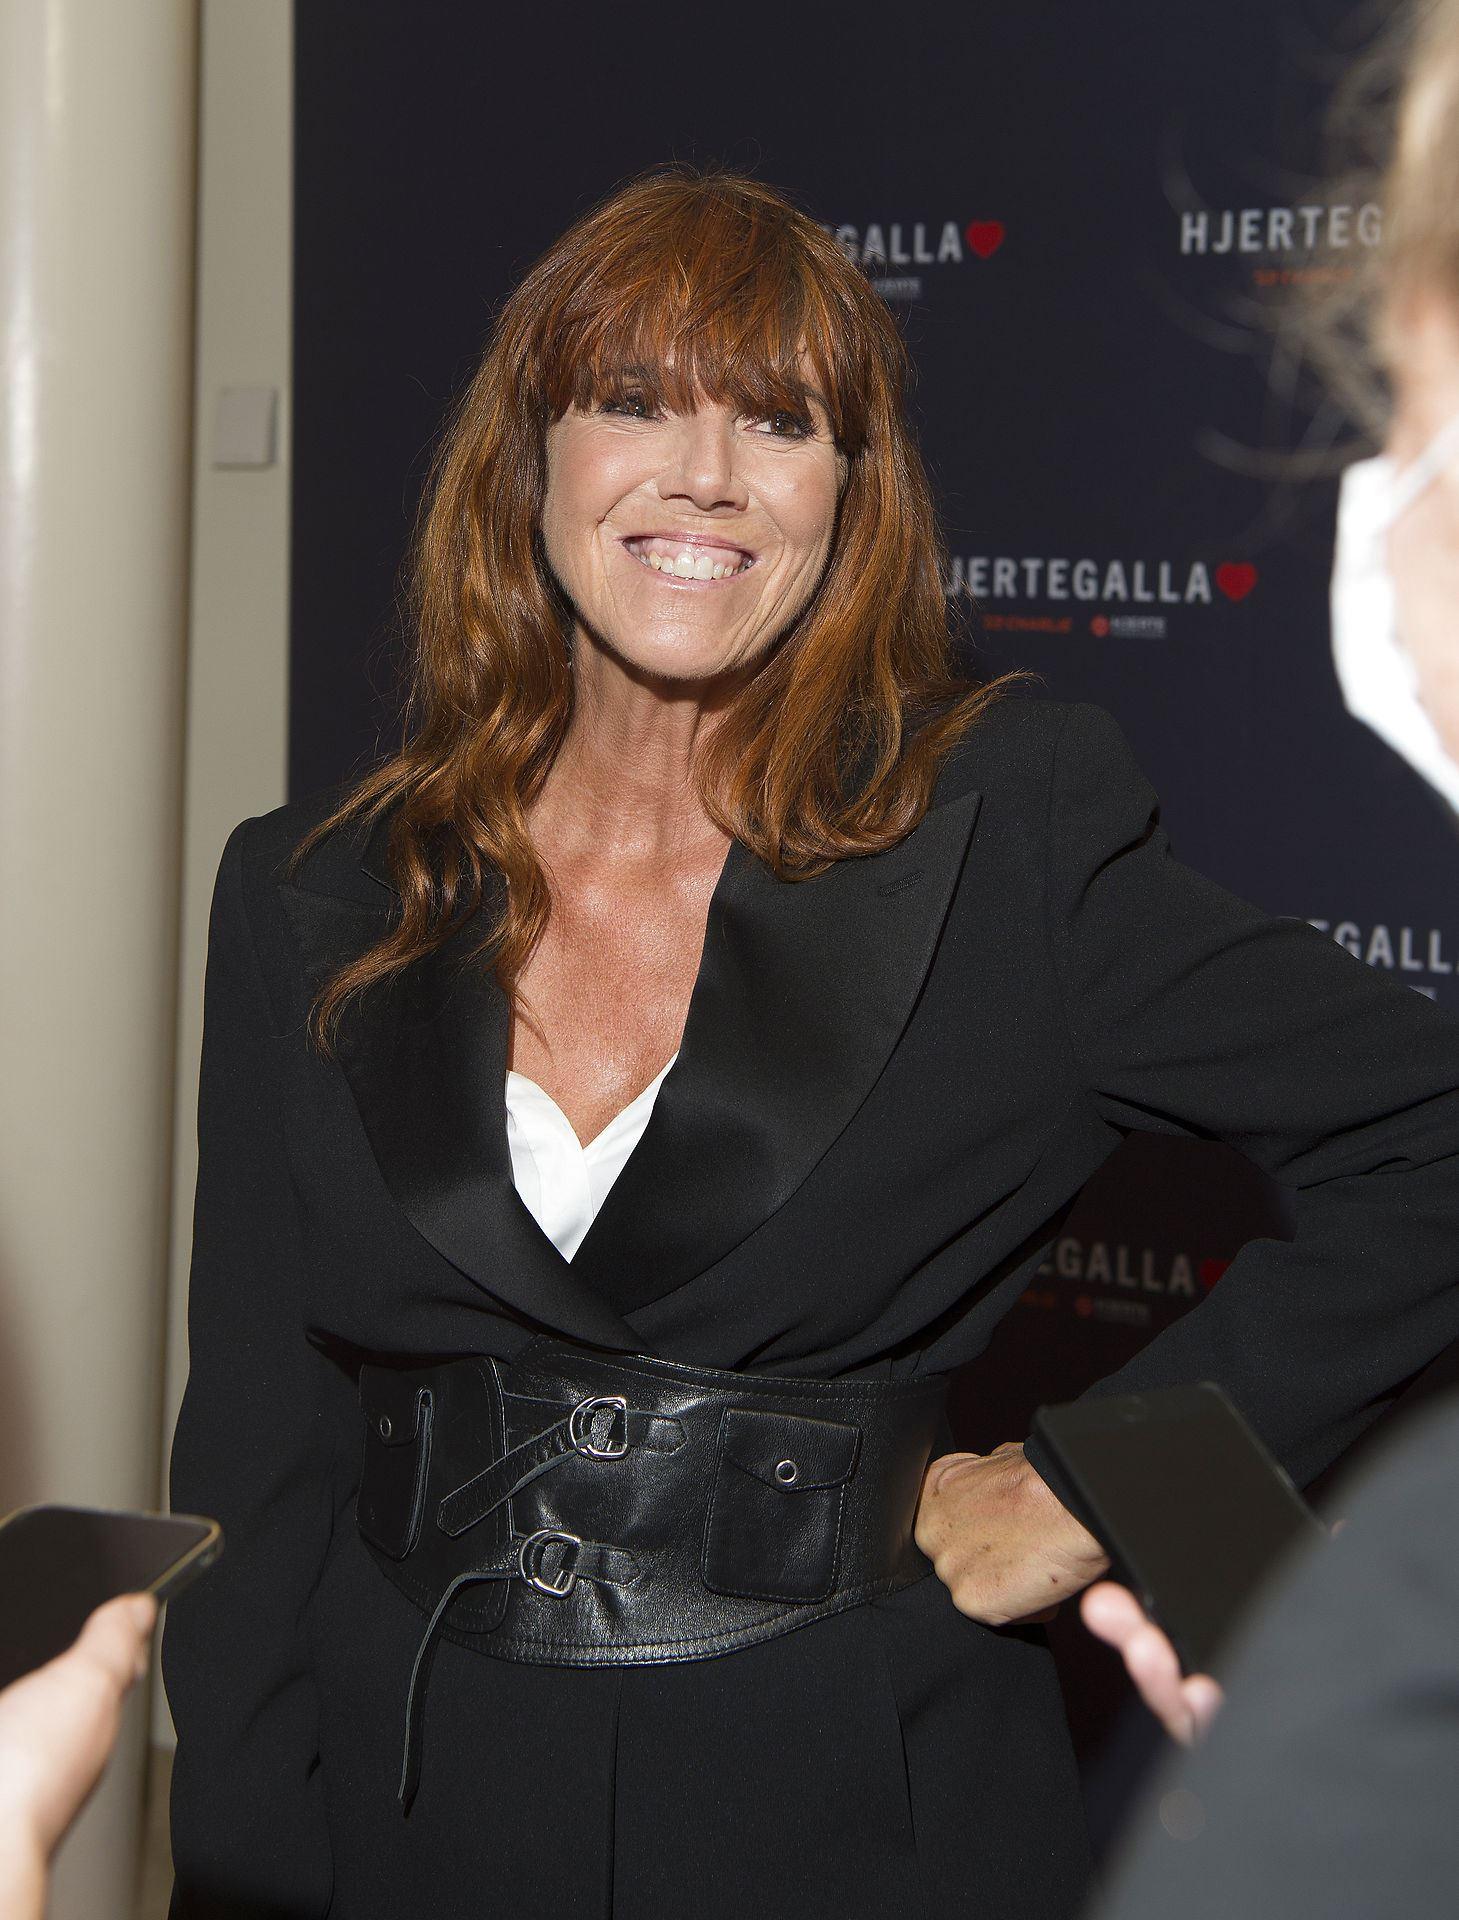 Billede af smilende Hanne Boel med rødt hår